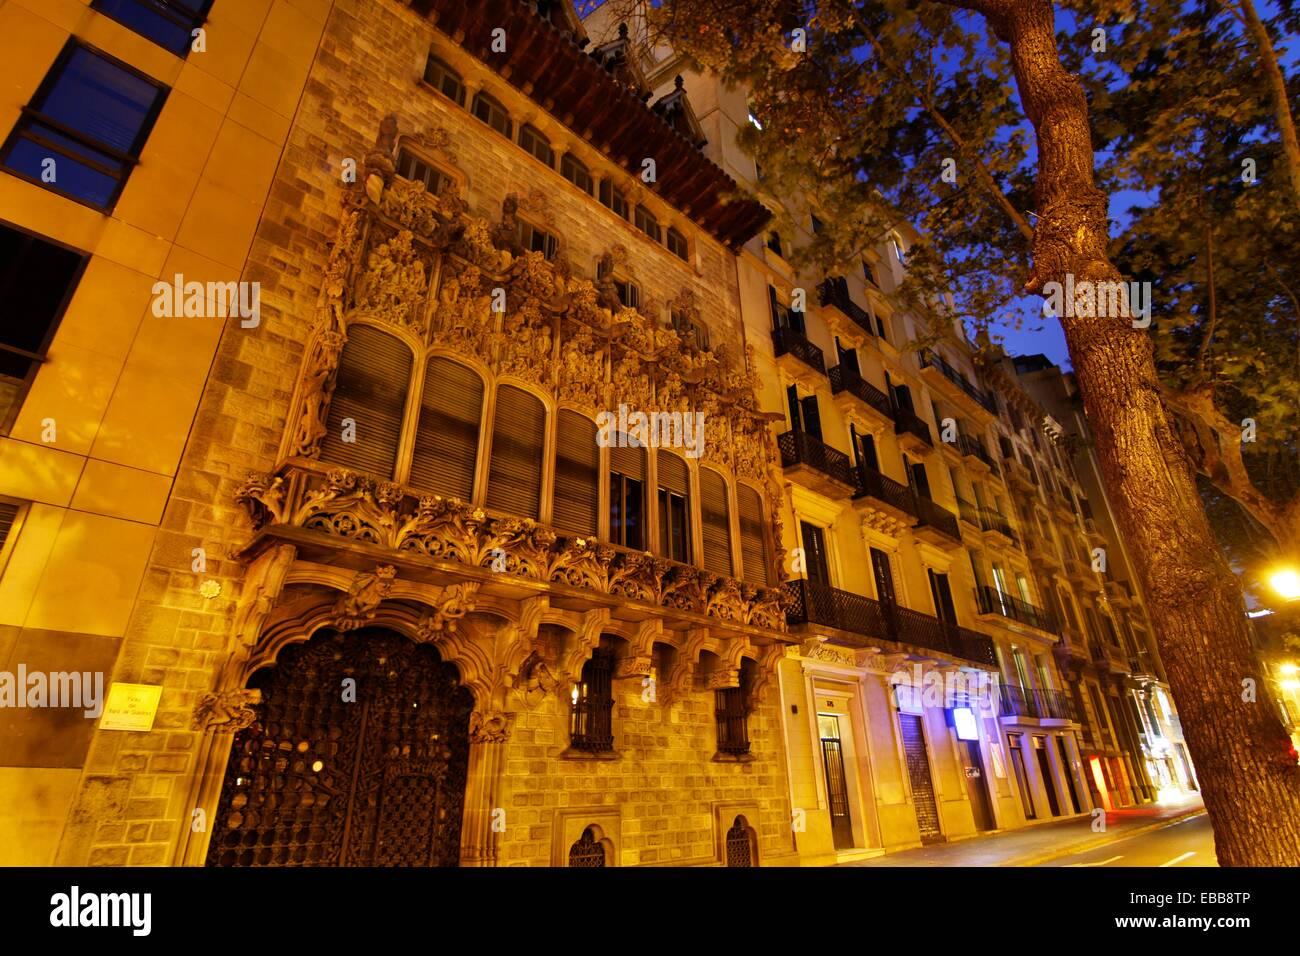 Palace Baro de Quadras, by Josep Puig i Cadafalch. 1910. Barcelona. - Stock Image